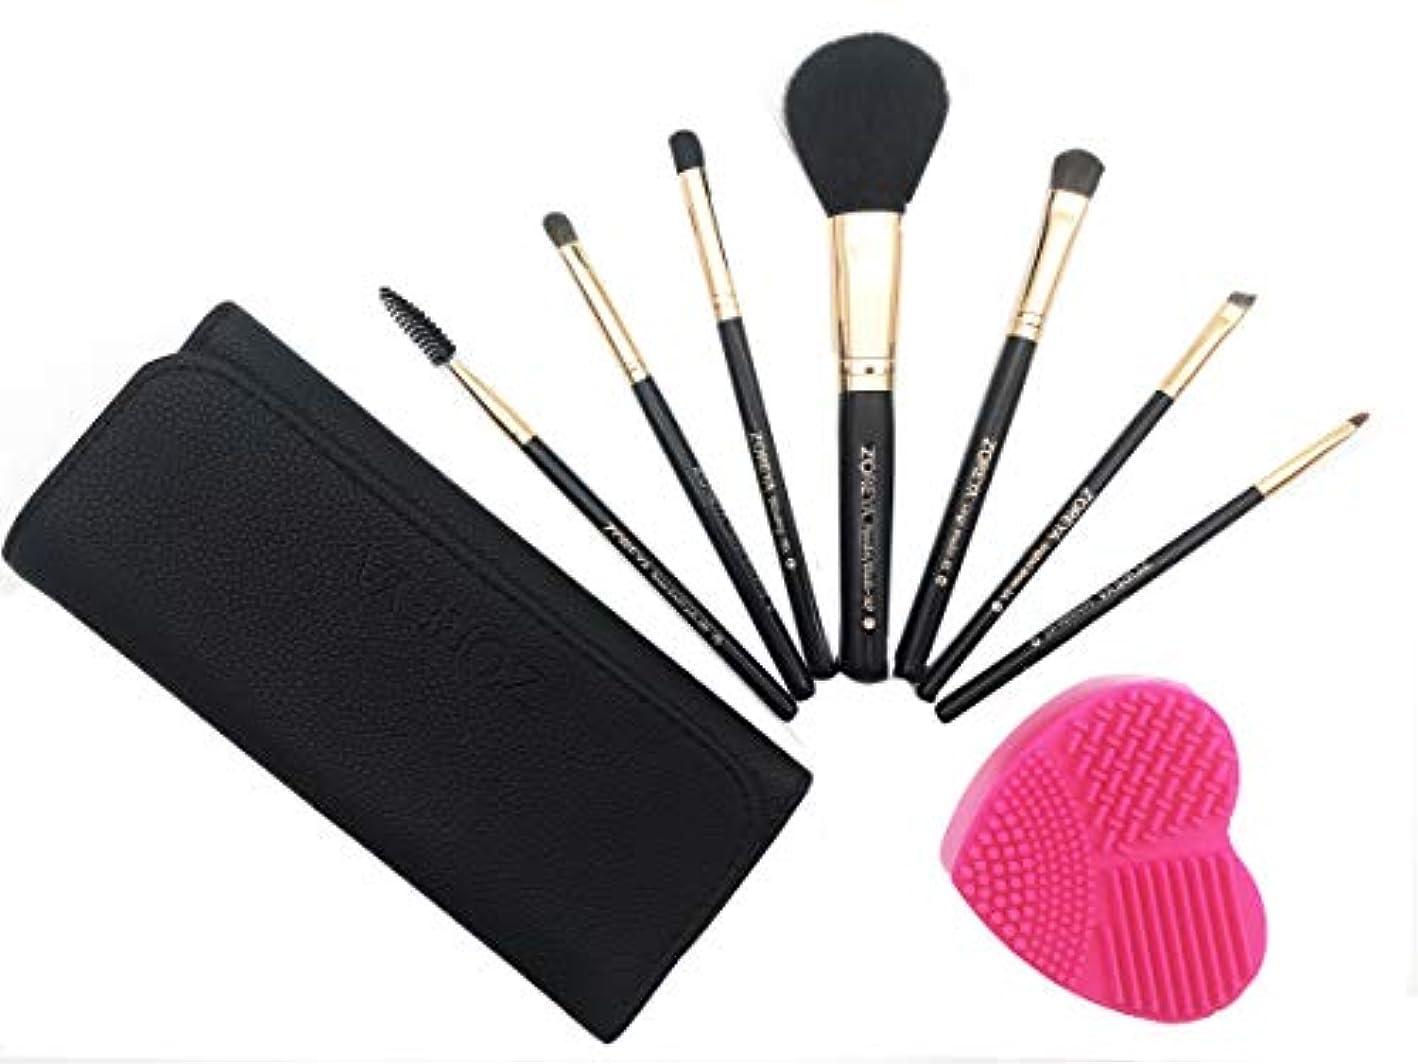 カリキュラム可塑性無限大化粧ブラシセット 化粧筆 メイクブラシセット 7本セット+洗濯板 コスメ ブラシ 専用の化粧ポーチ付き、携帯便利、女性への贈り物  (ブラック)